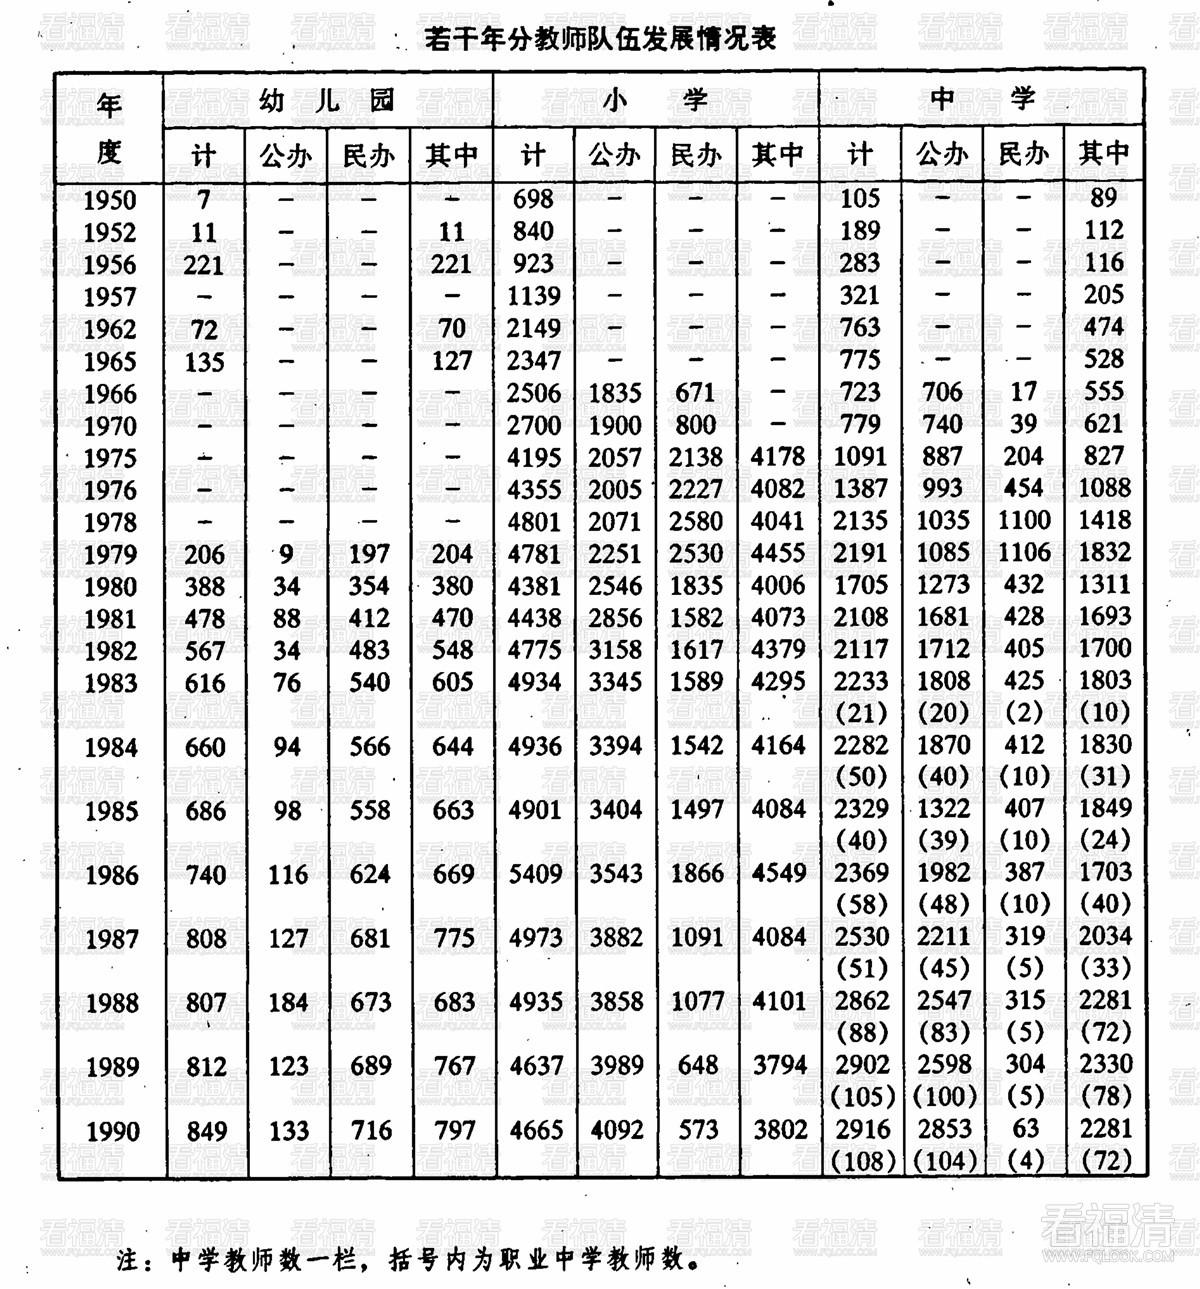 福清教育志:第九章 教师 / 第一节 教师来源